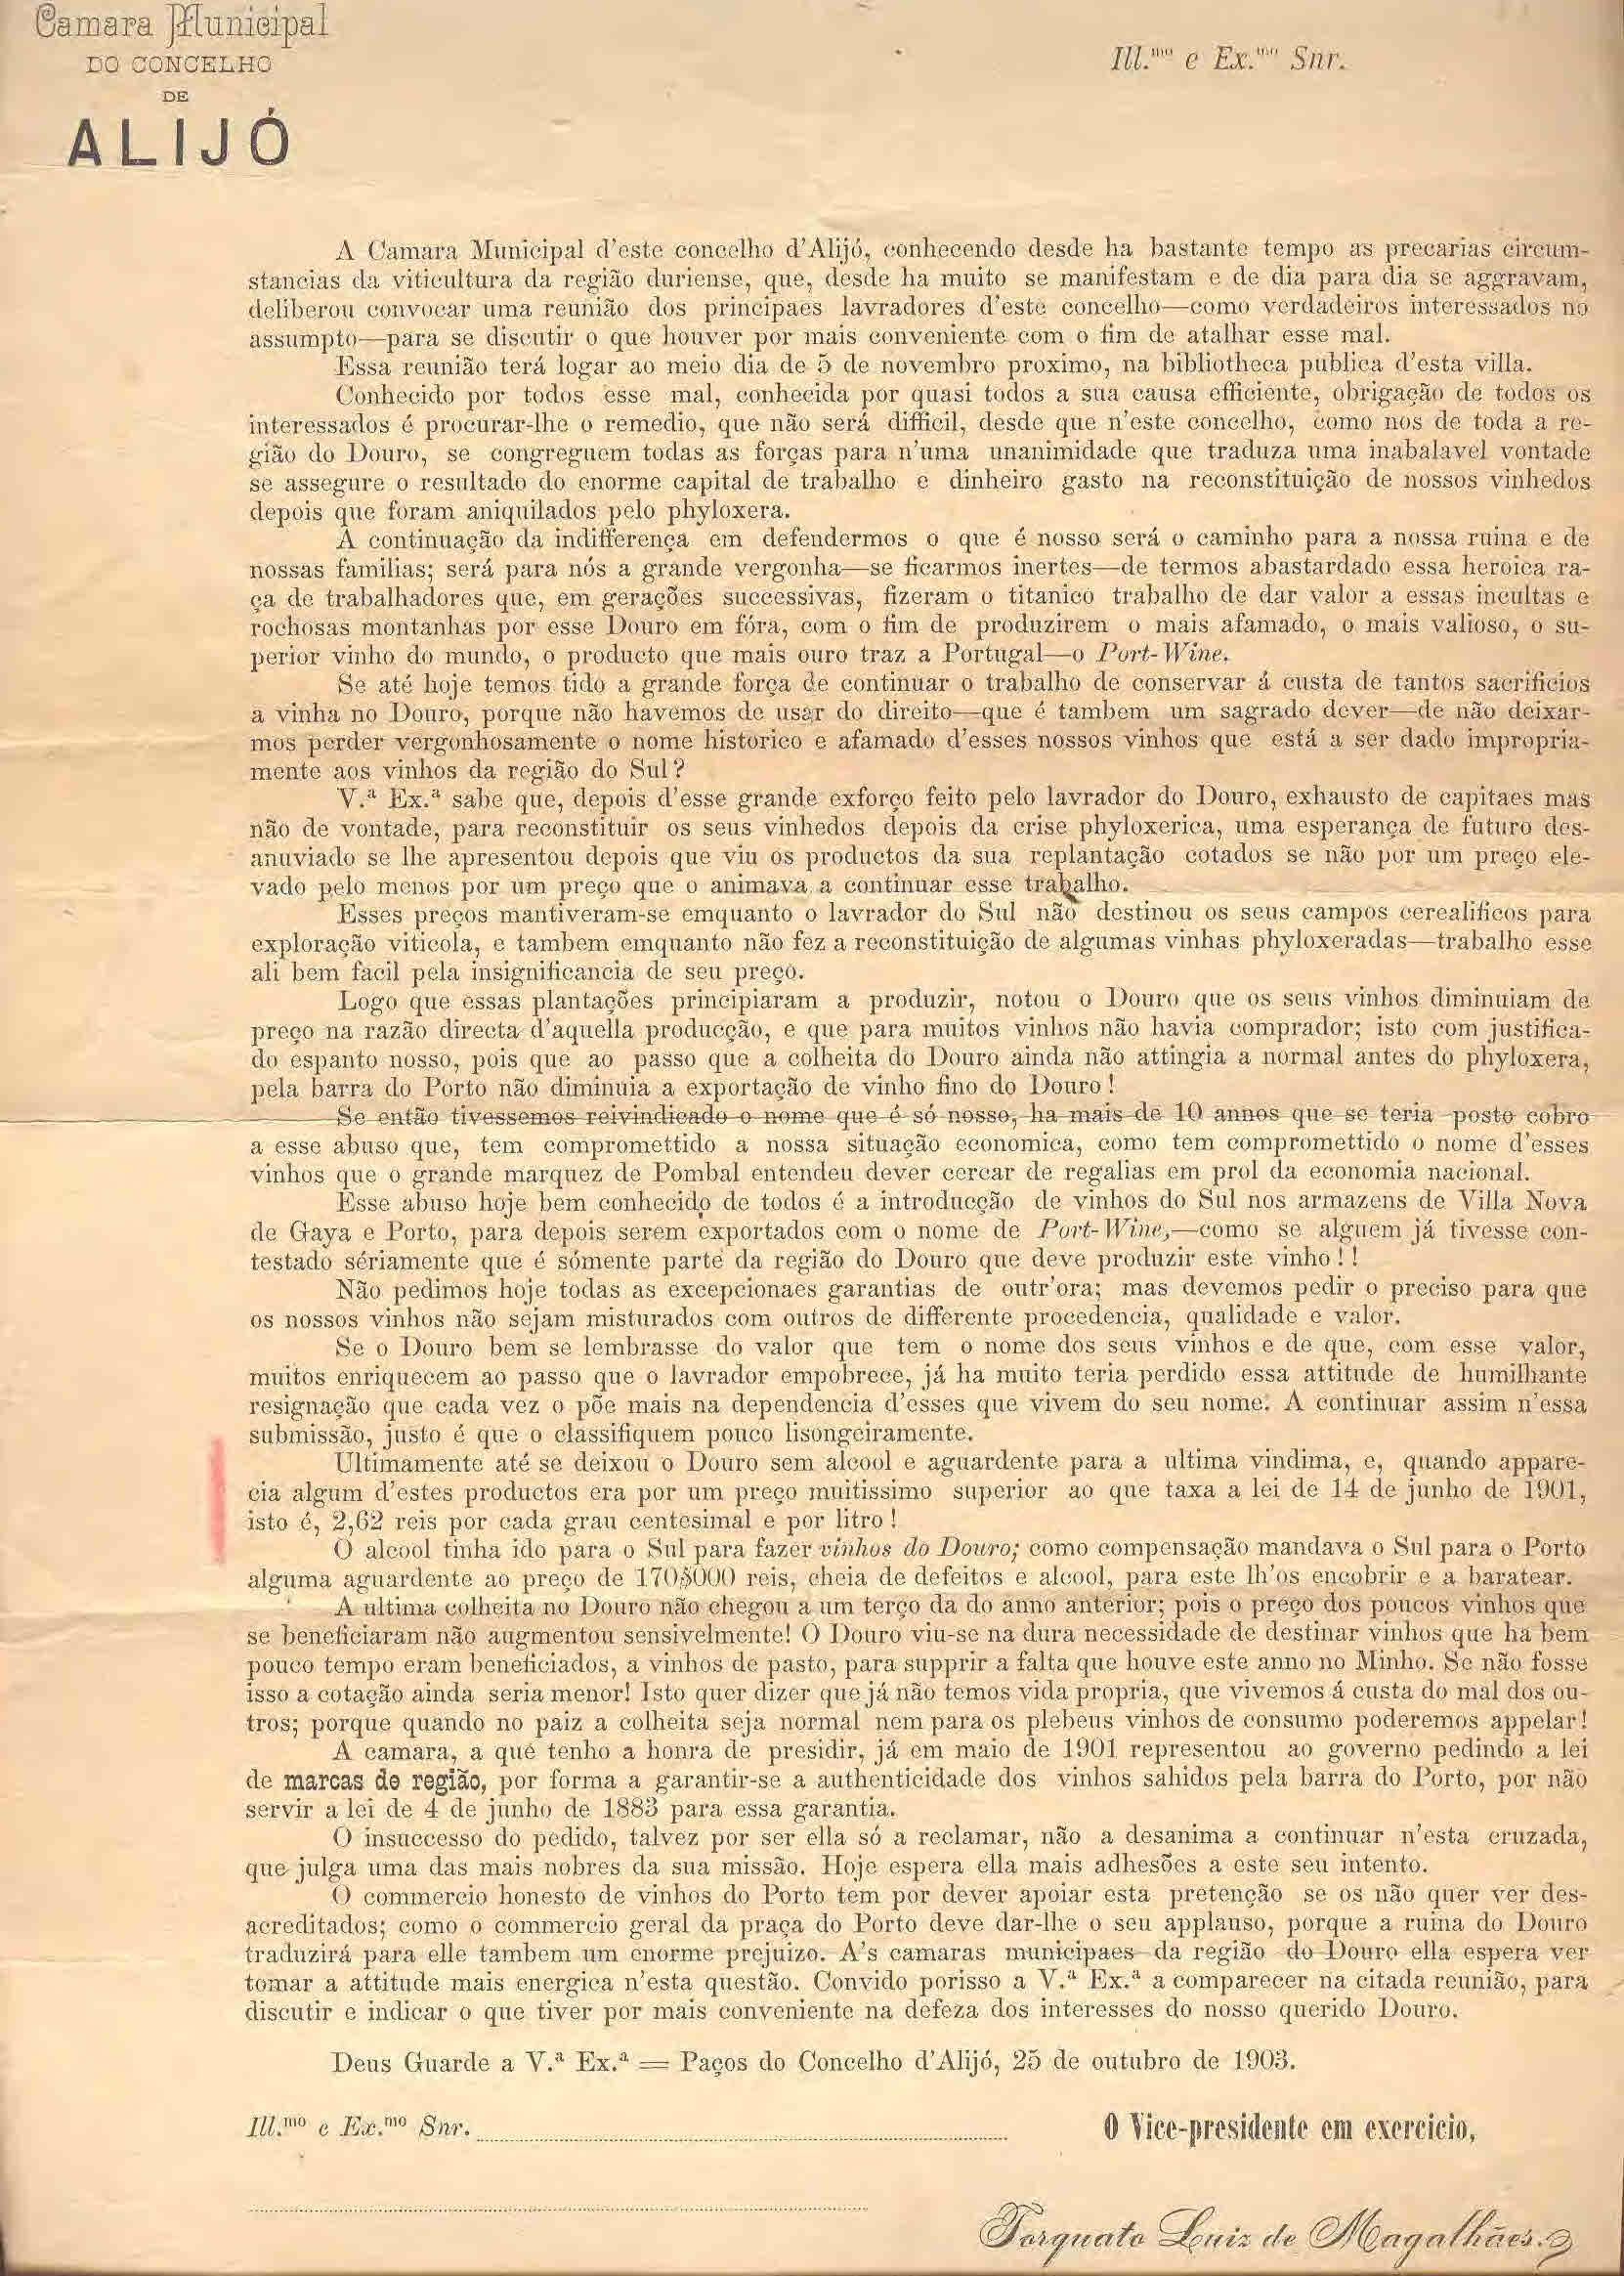 Document (125)